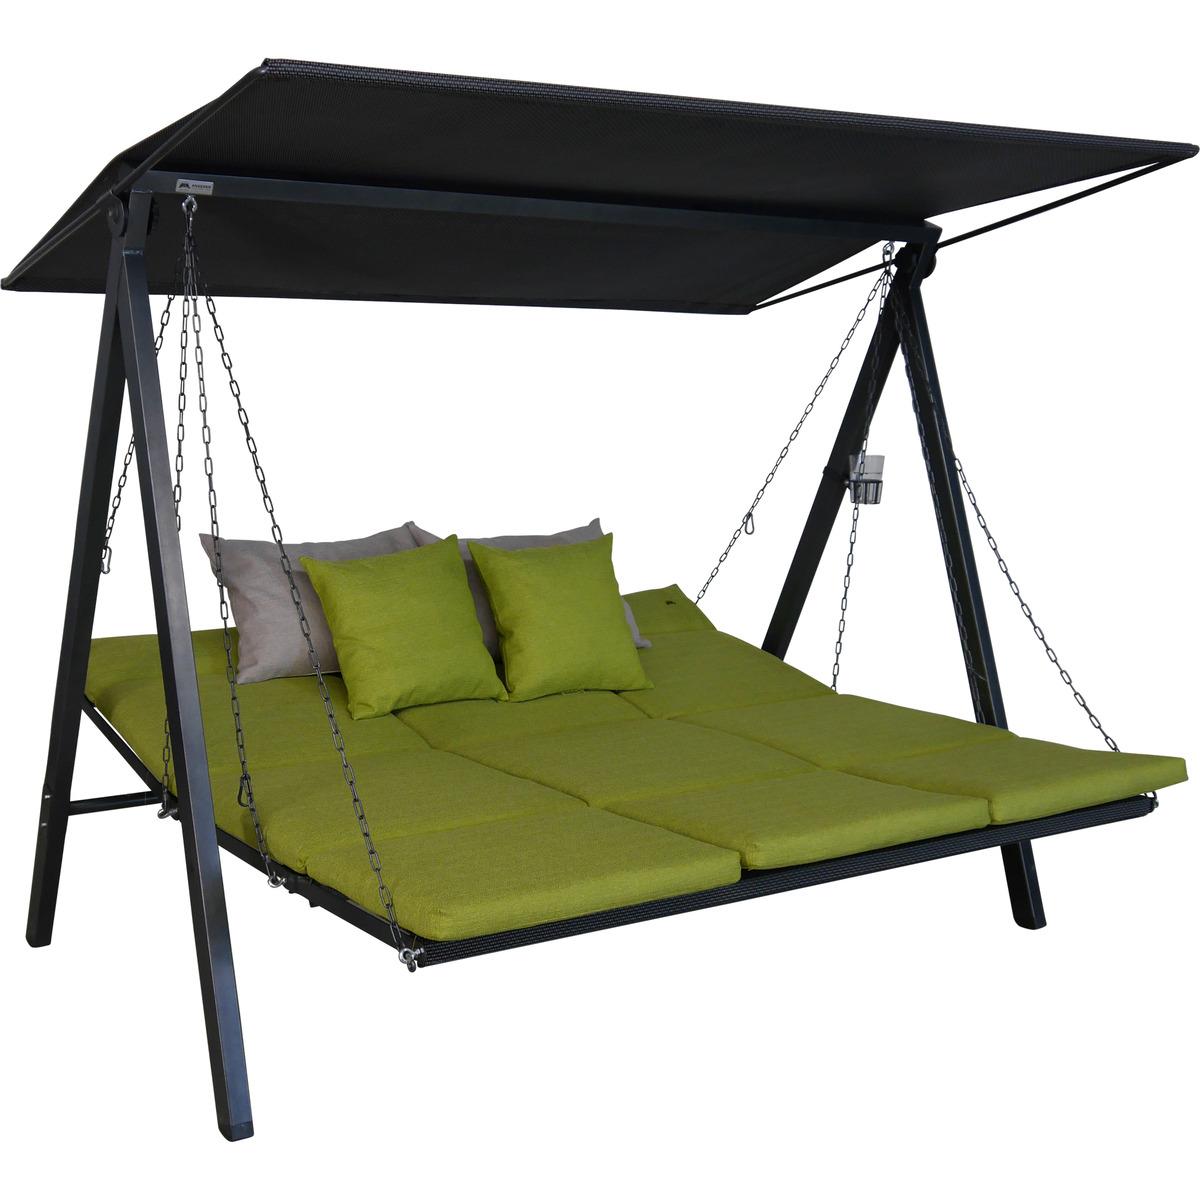 Bild 3 von Angerer Freizeitmöbel Hollywoodschaukel 'Lounge Smart' 3-Sitzer lime